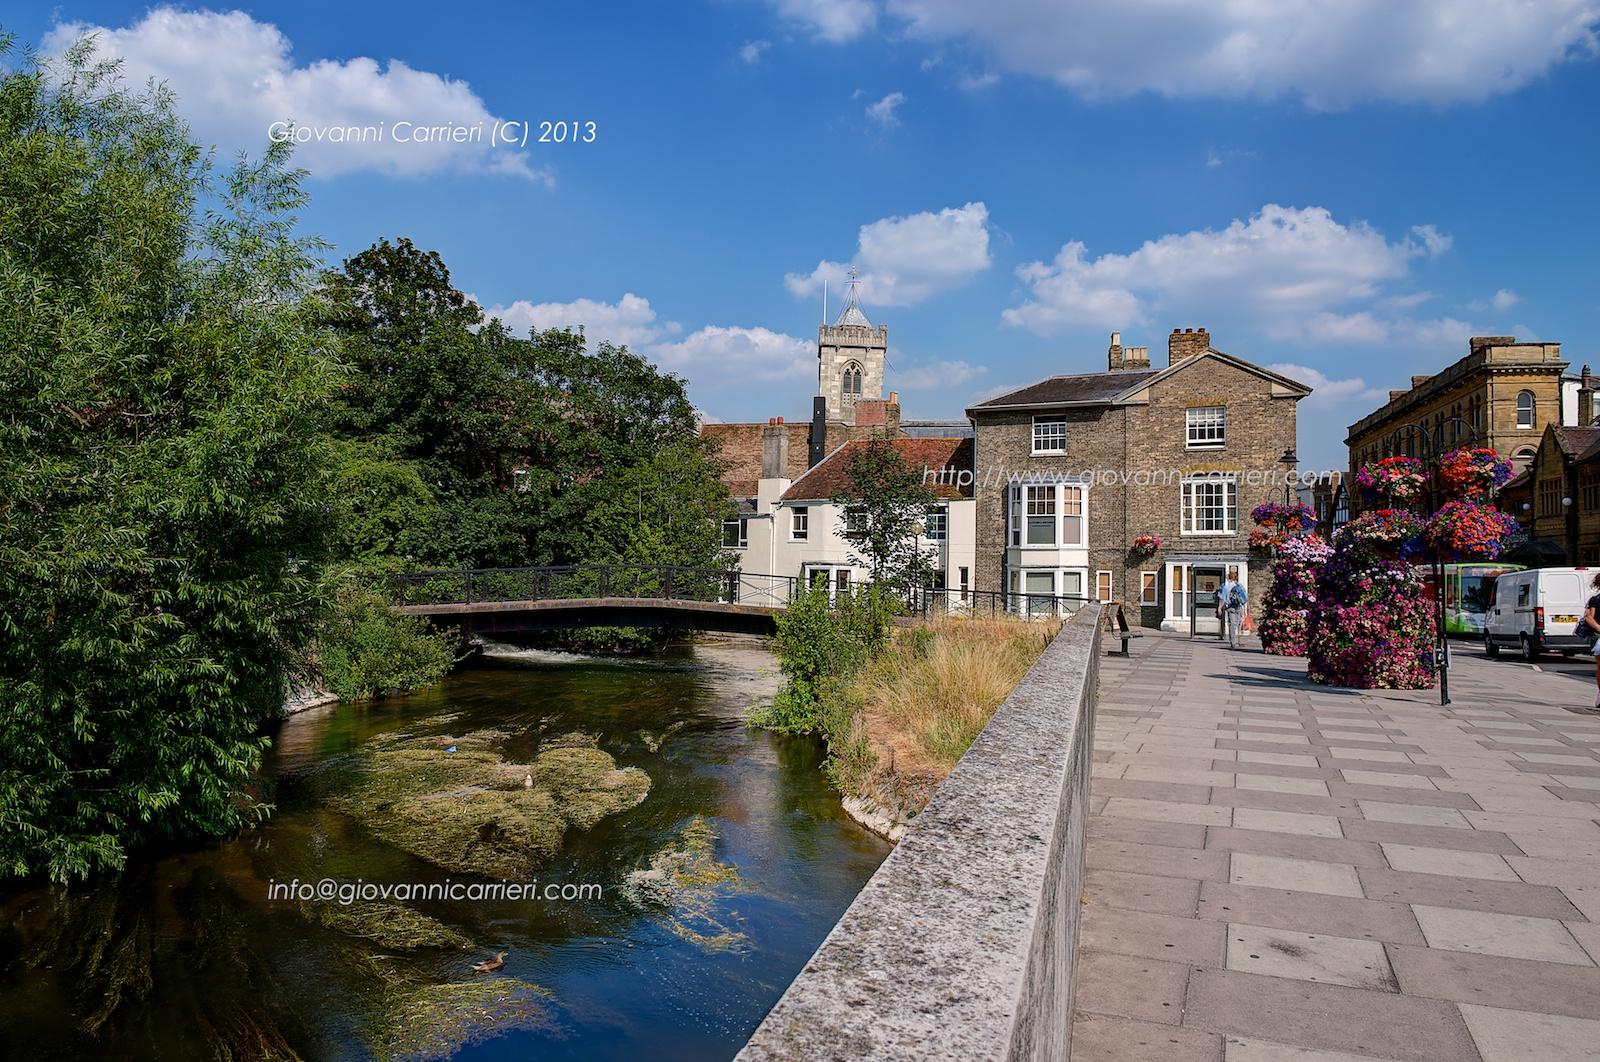 Il centro della città di Salisbury